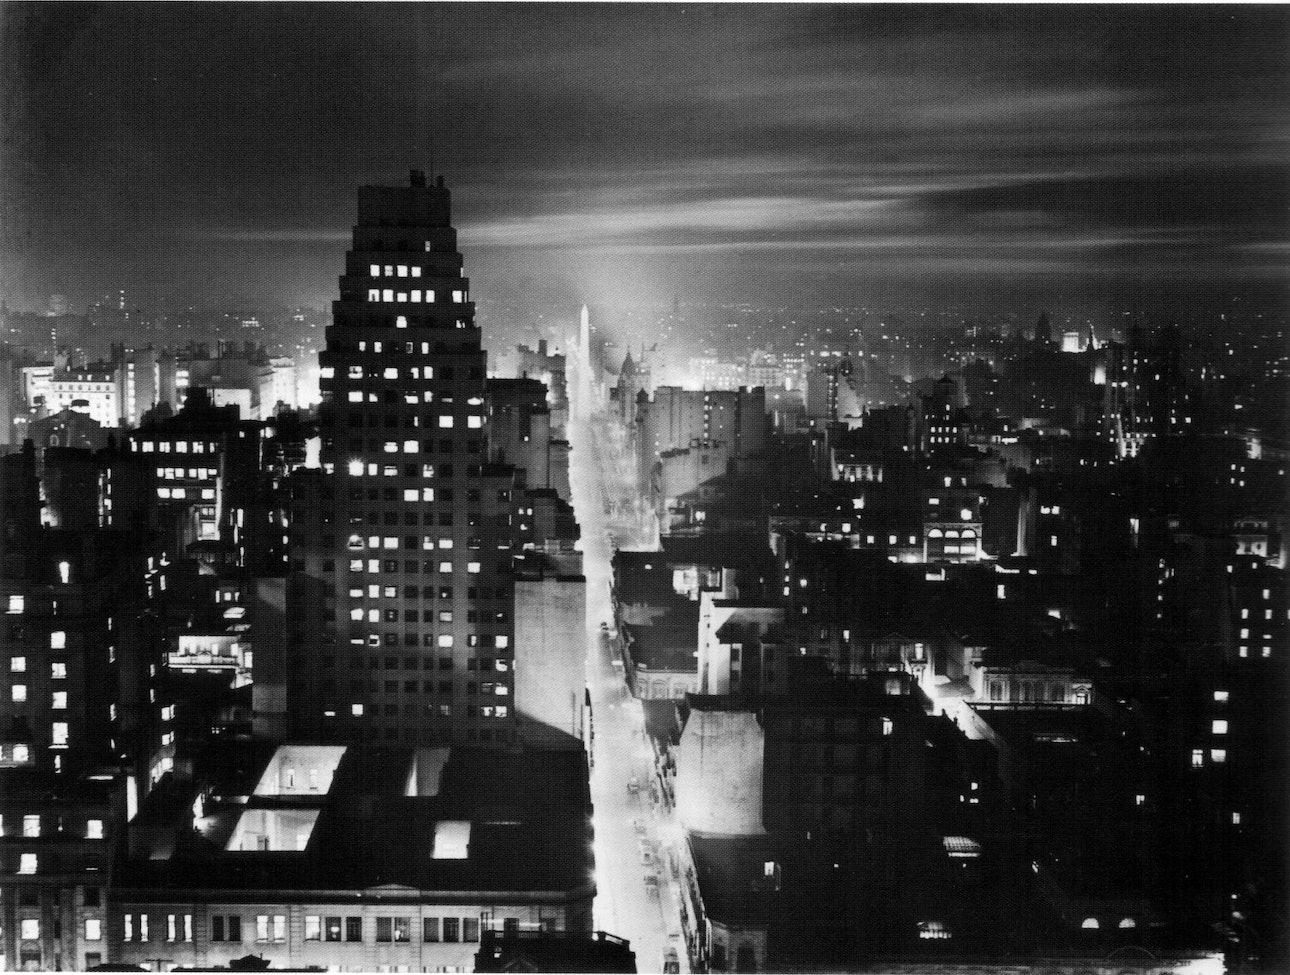 Horacio_Coppola_-_Buenos_Aires_1936_-_Corrientes_desde_el_edificio_COMEGA_nocturna